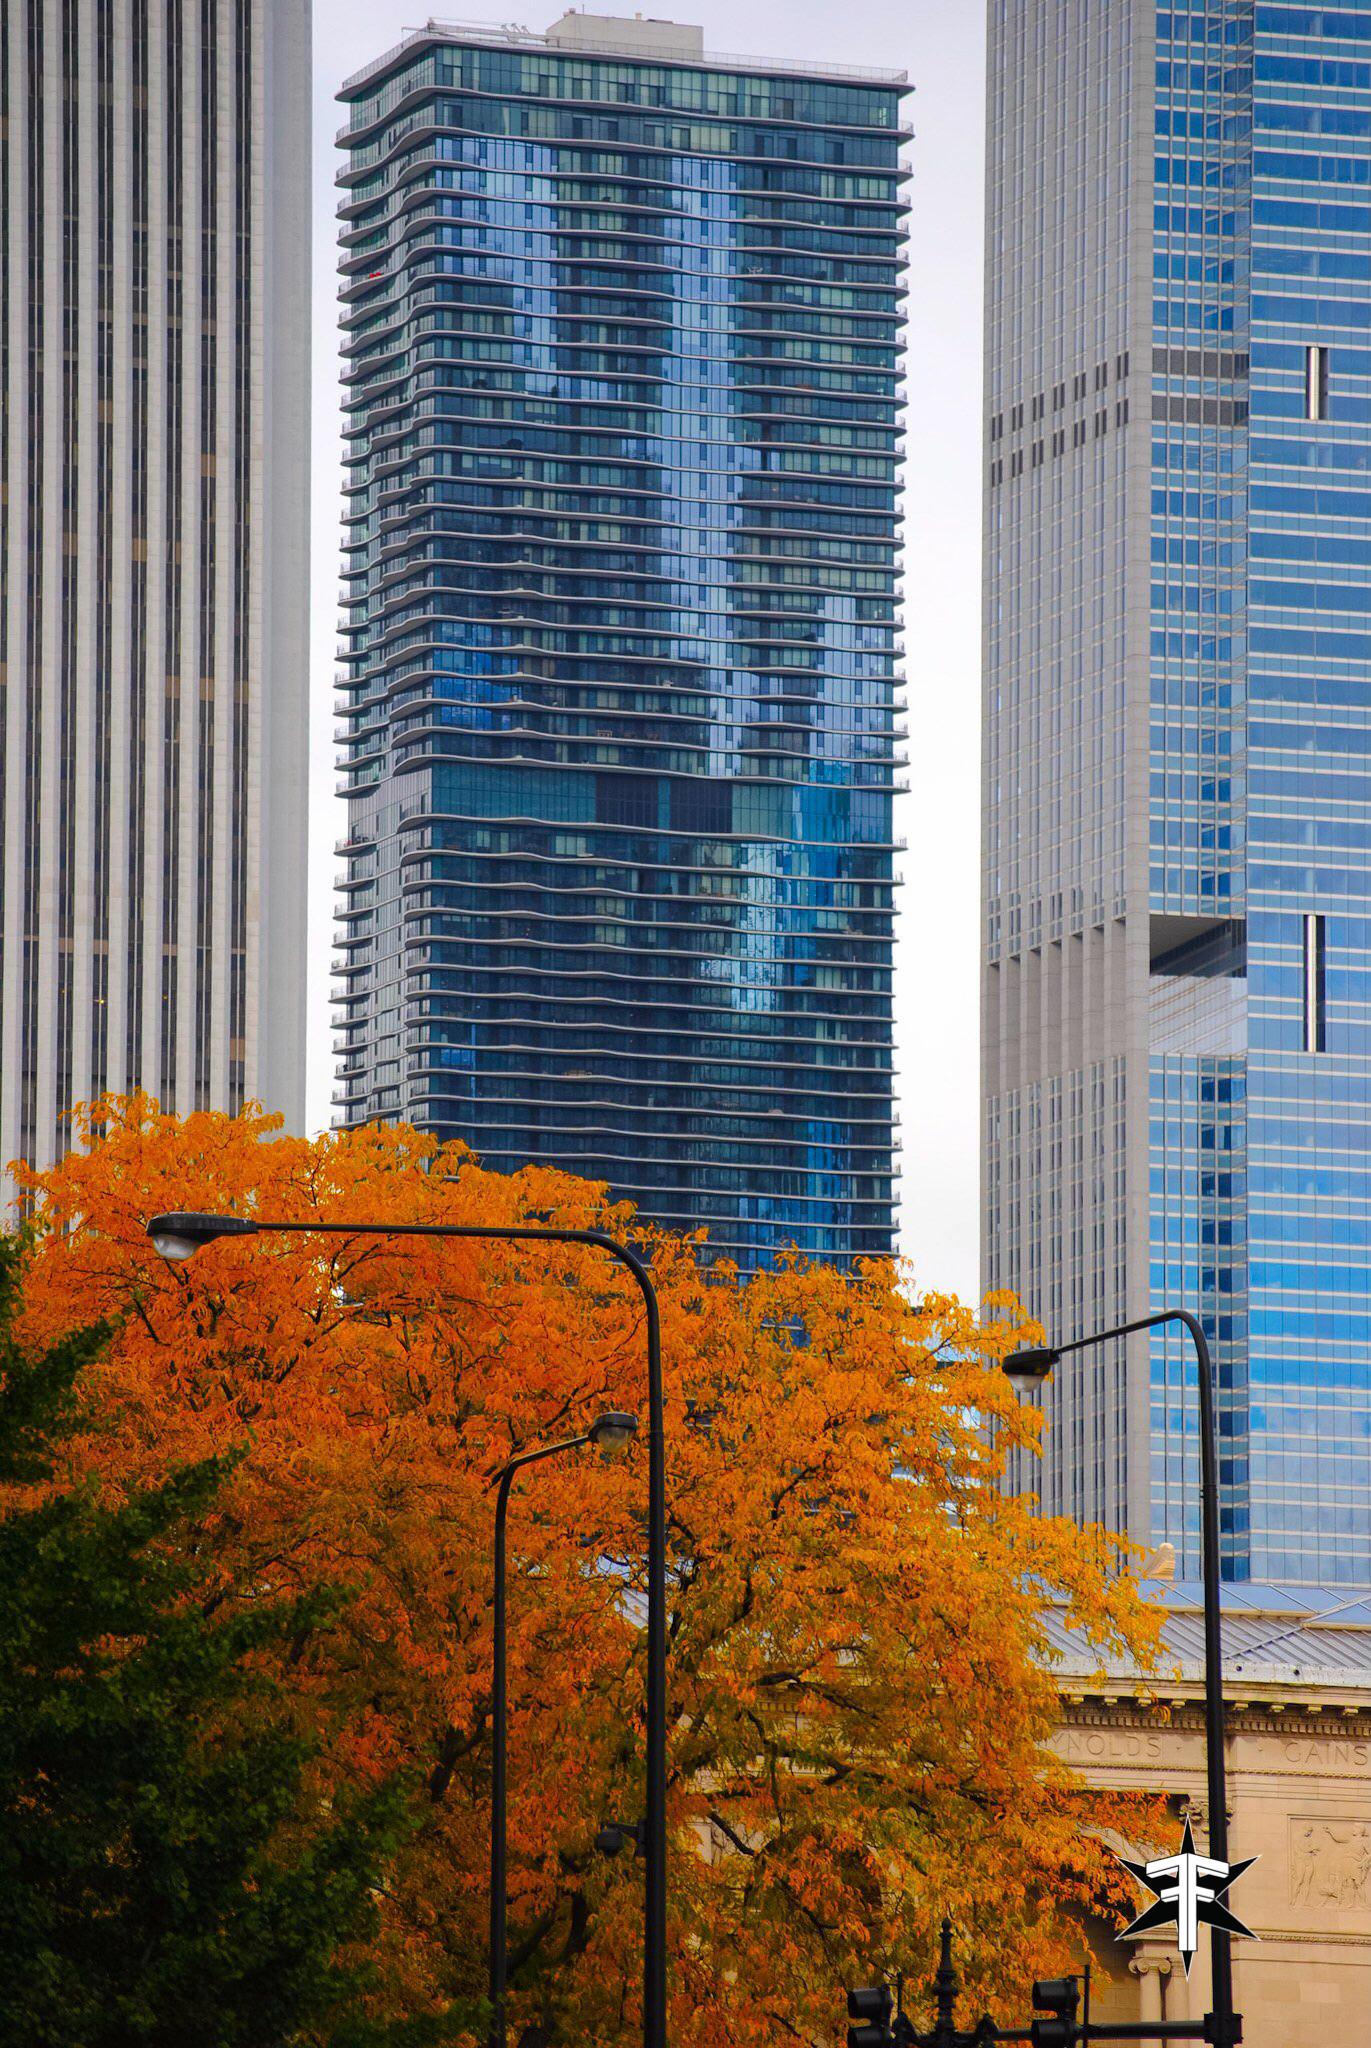 chicago architecture eric formato photography design arquitectura architettura buildings skyscraper skyscrapers-81.jpg